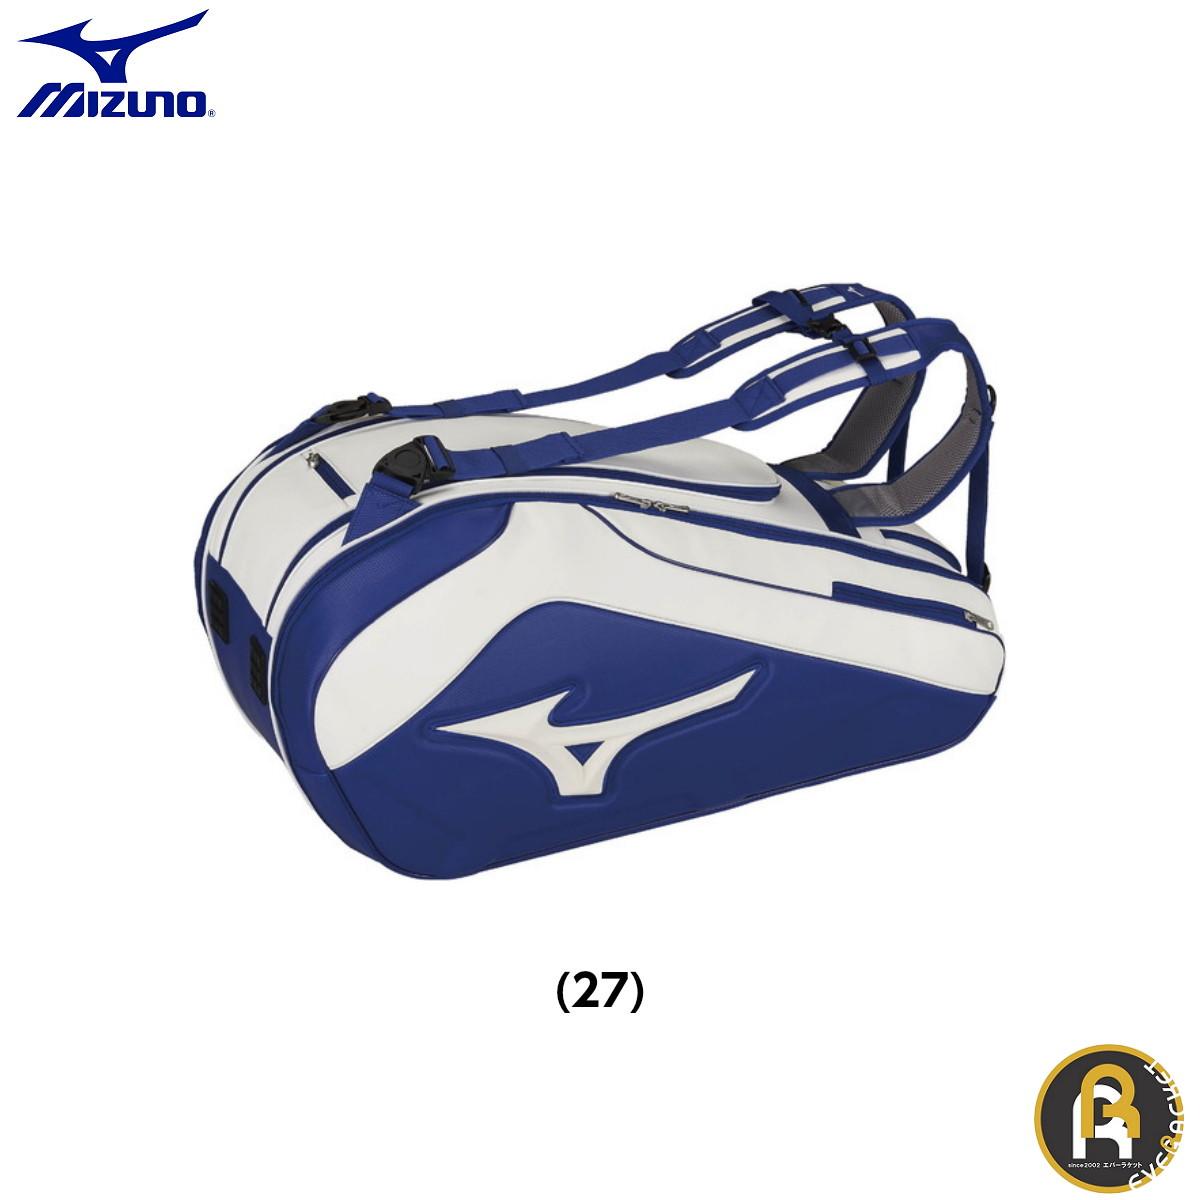 ミズノ MIZUNO バッグ PROモデルラケットバッグ9 63GD9002 バドミントン・テニス